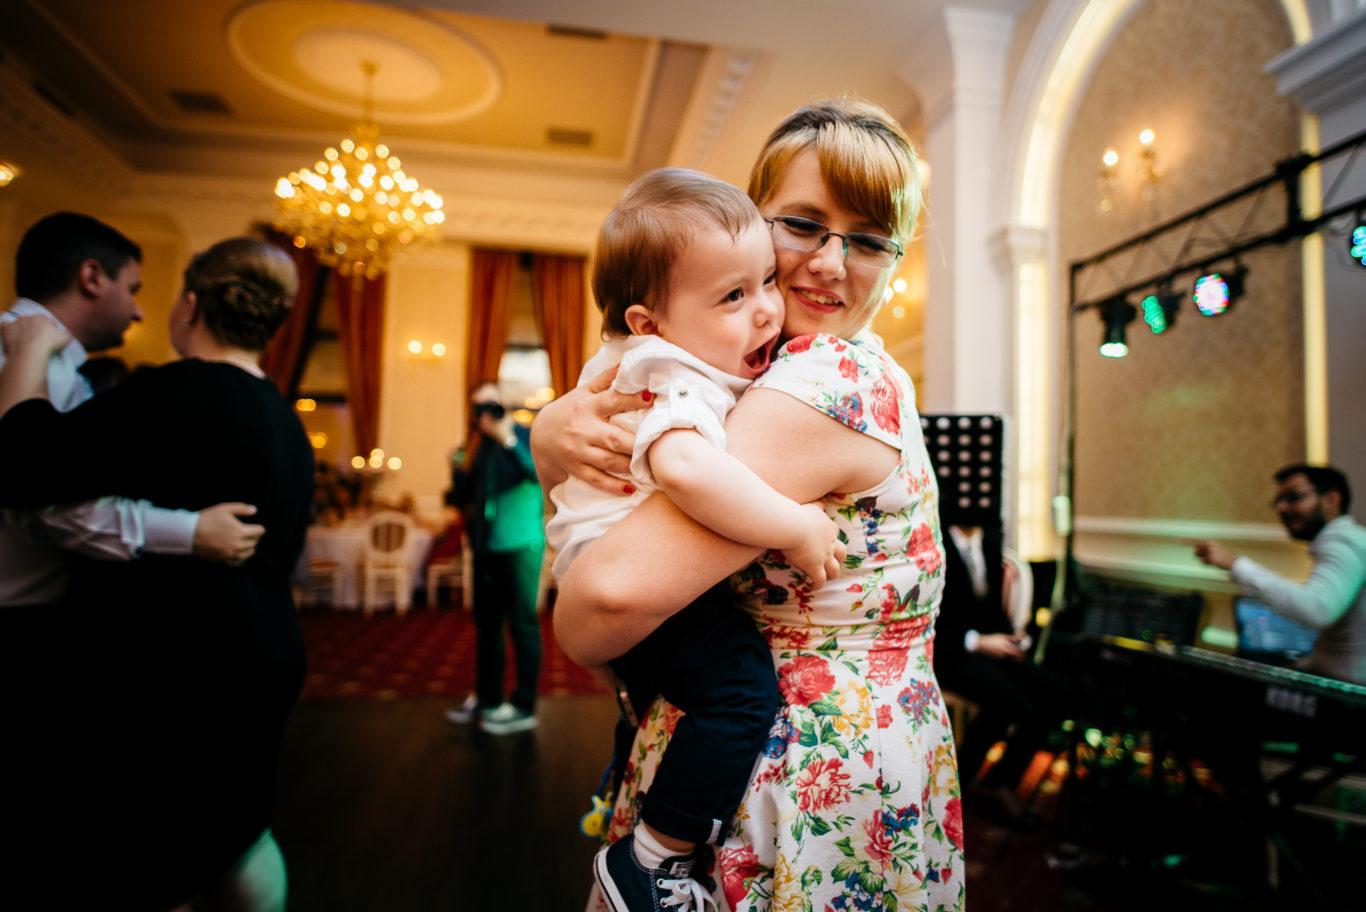 0950-Fotografie-nunta-Mirela-Iulian-fotograf-Ciprian-Dumitrescu-DSC_7814